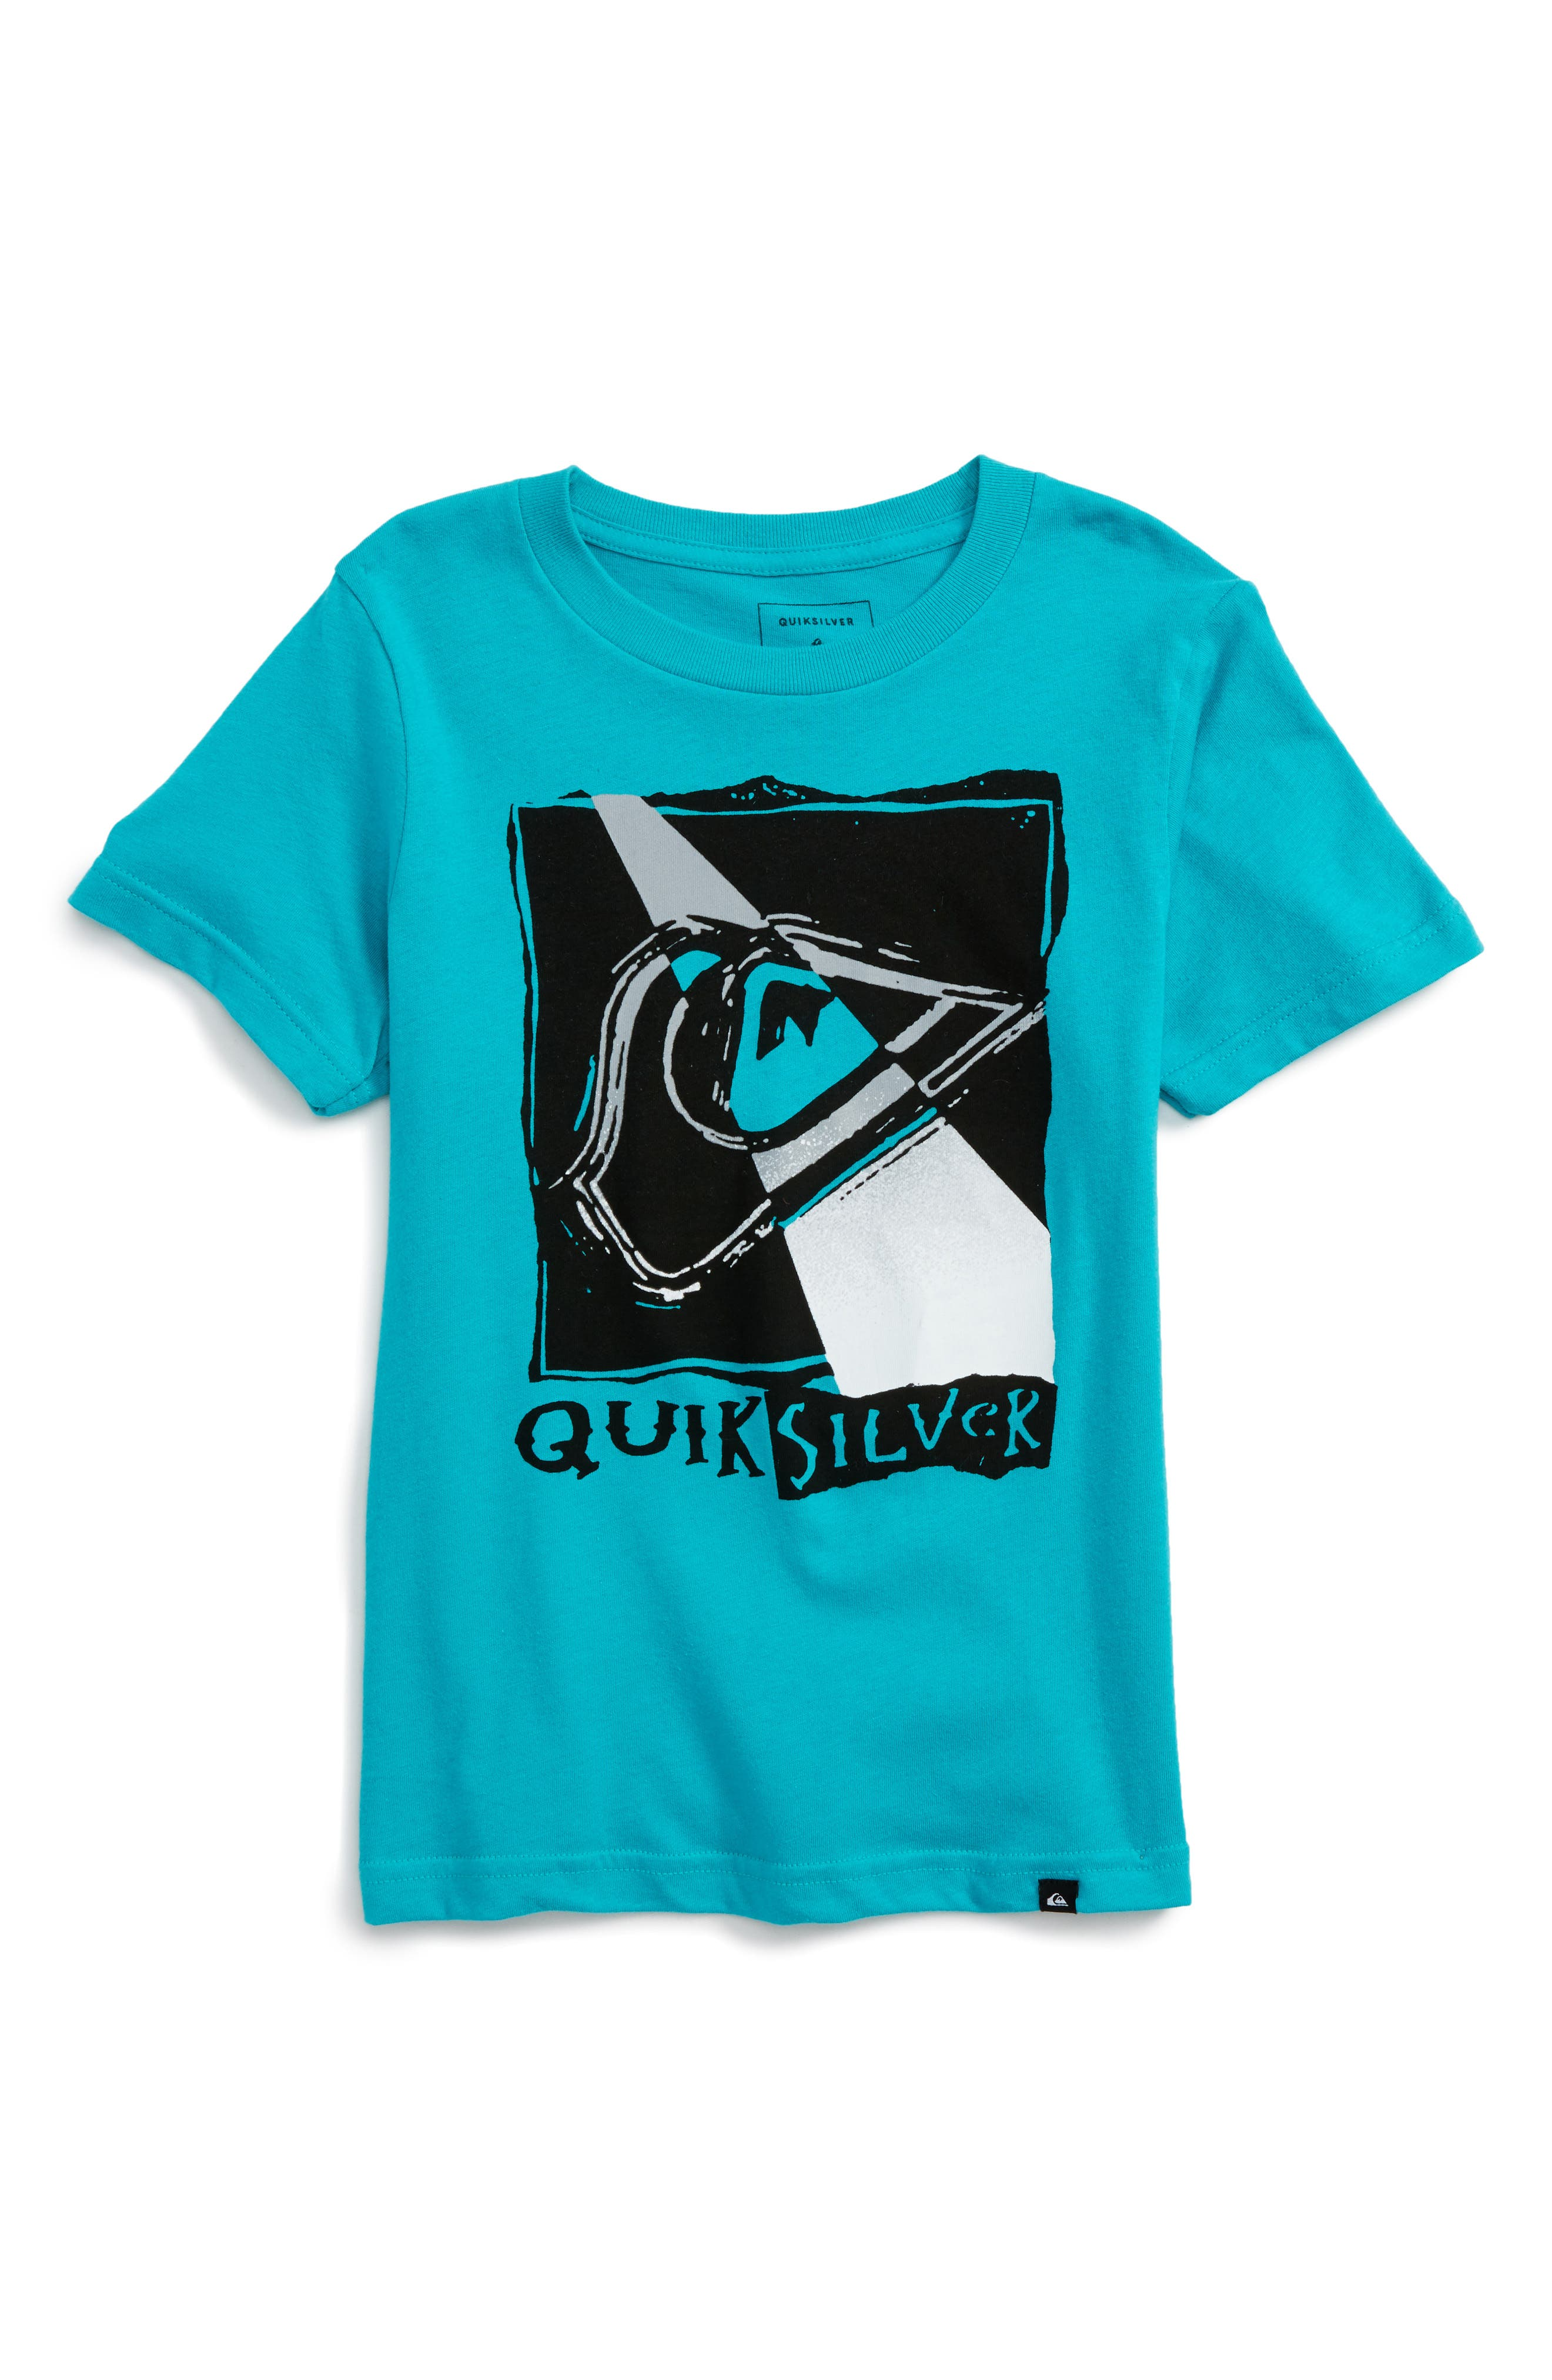 Quiksilver Hot Spot Graphic T-Shirt (Toddler Boys & Little Boys)